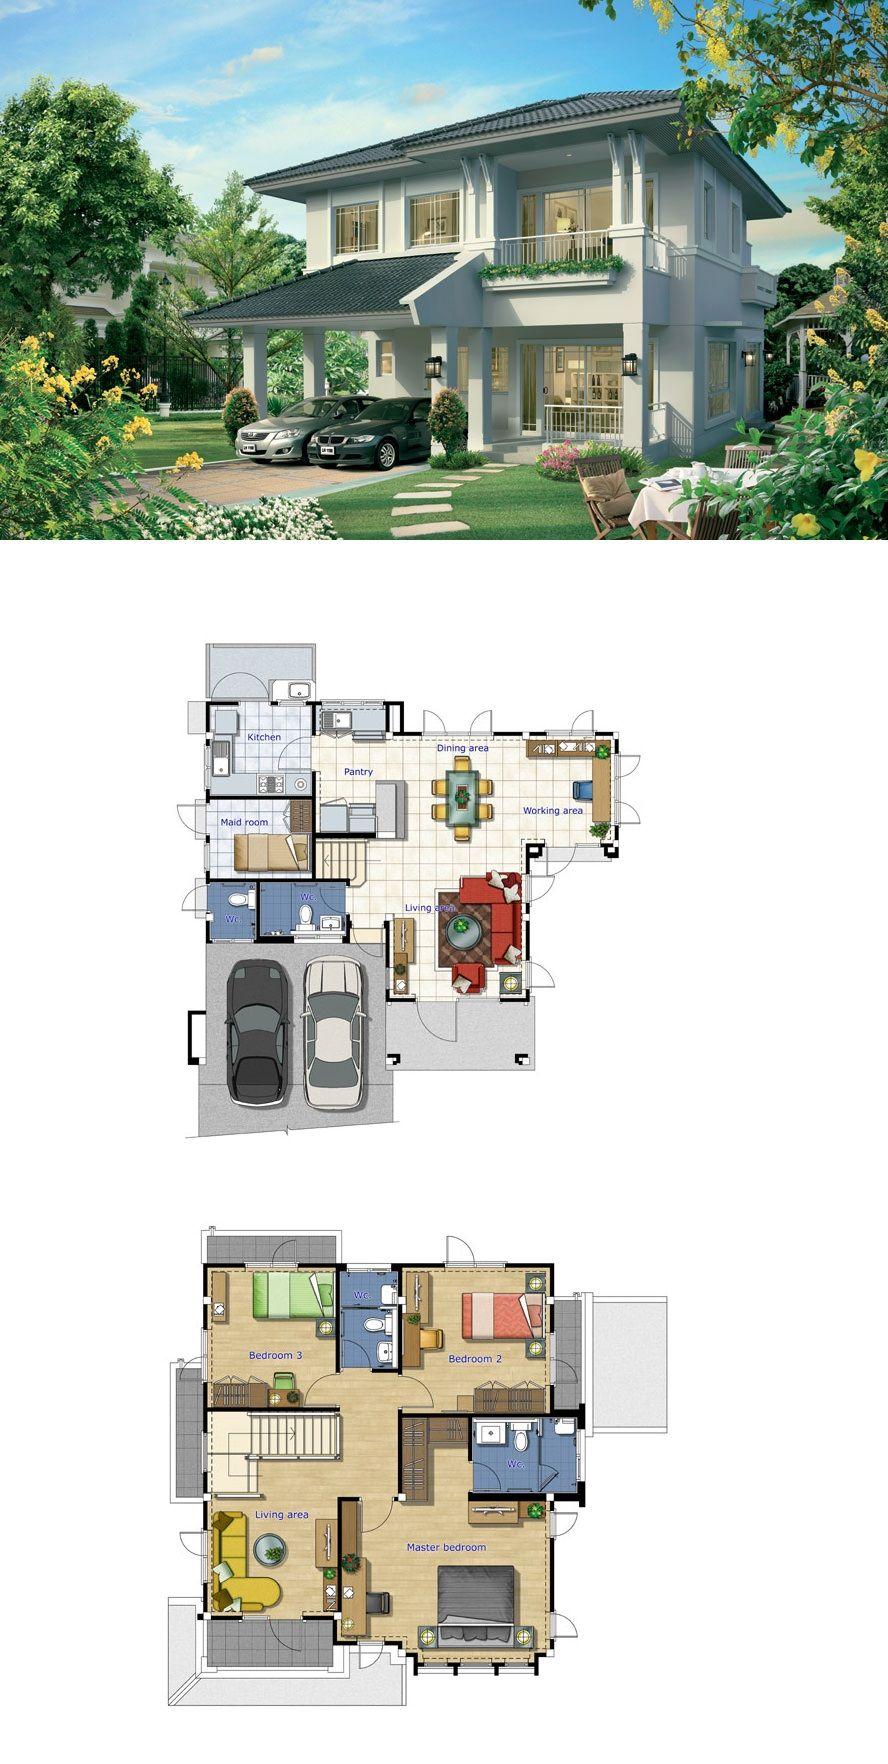 10 Desain Rumah Minimalis Terbaru 2020 Lamudi